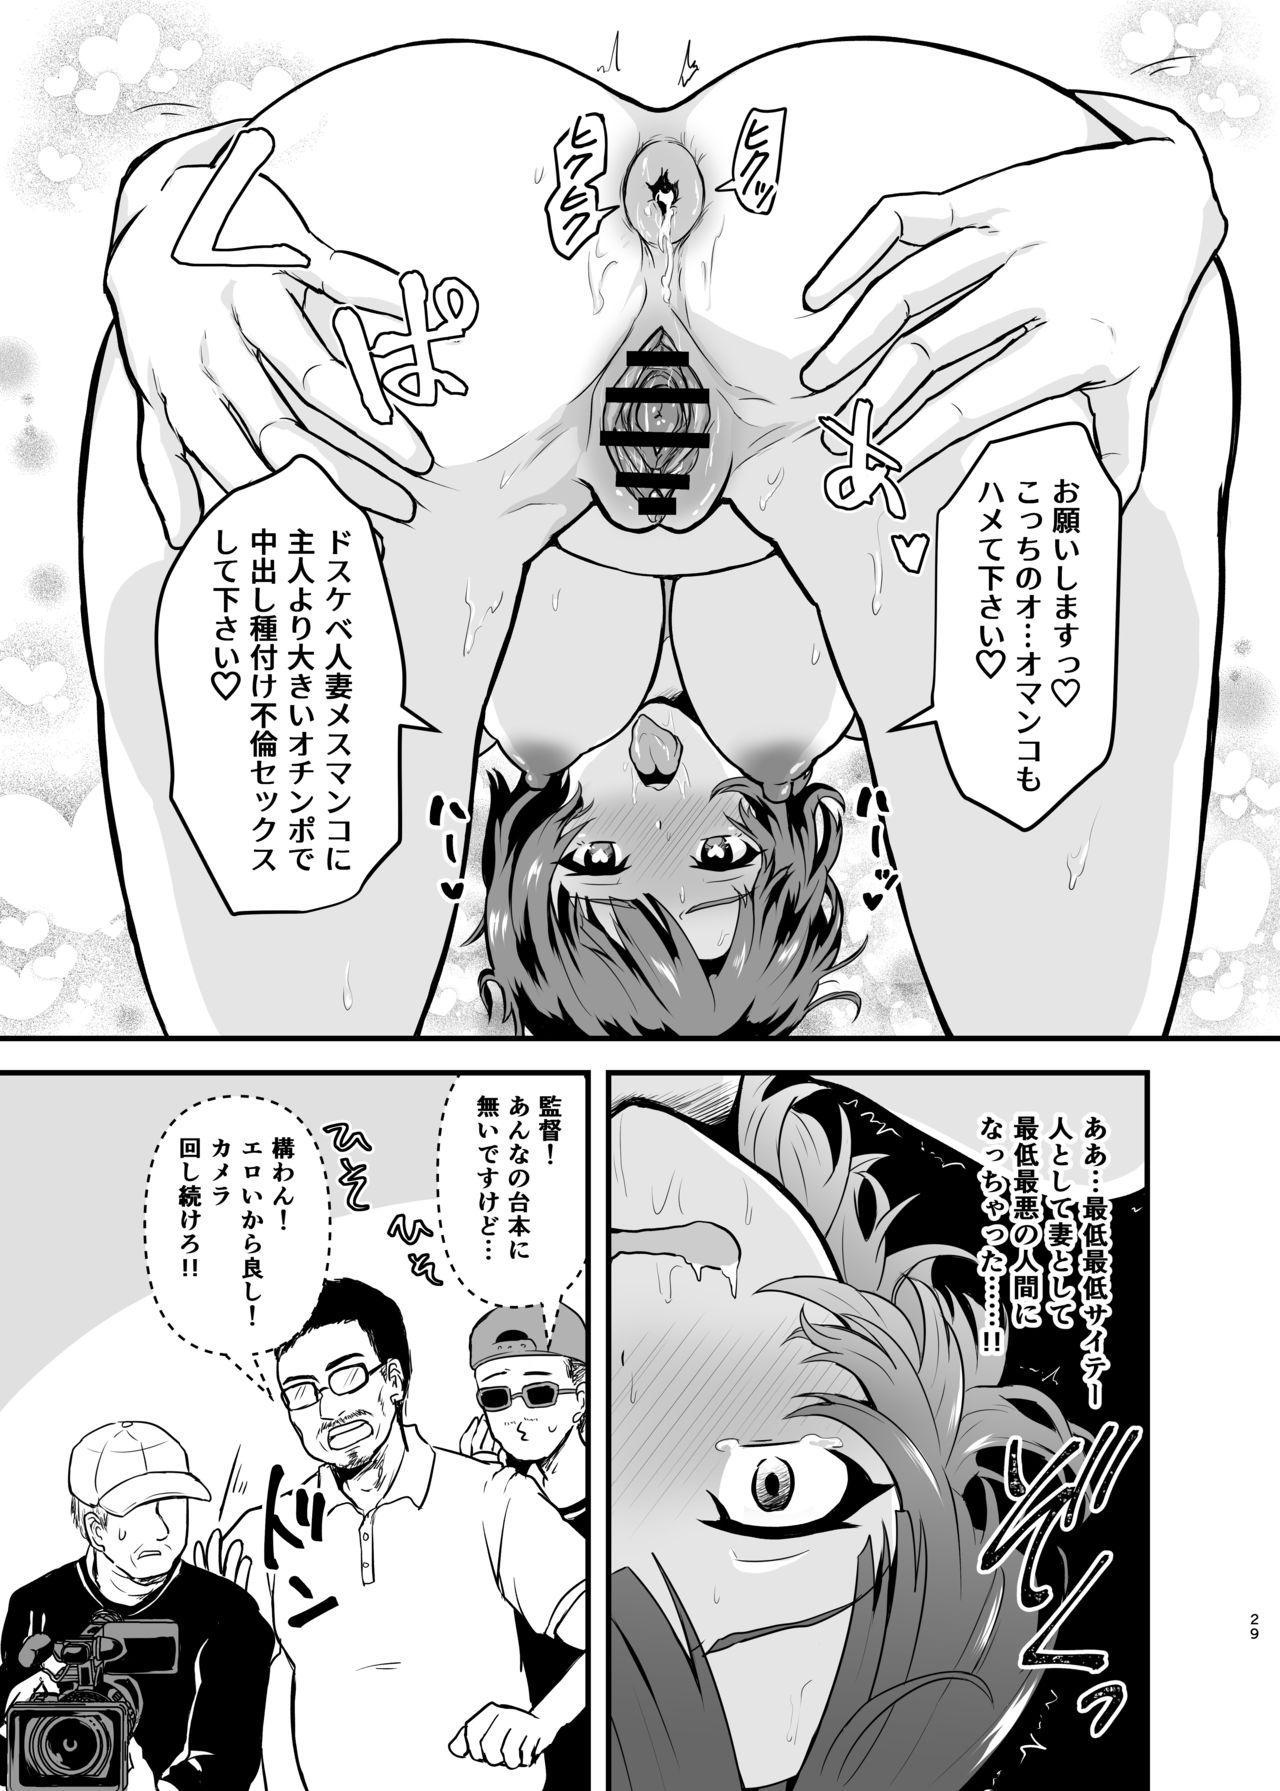 [Hanger Hansha (Yunokawa Yosomi)] Endou-san-chi no Oku-san (SHIROBAKO) [Digital] 28